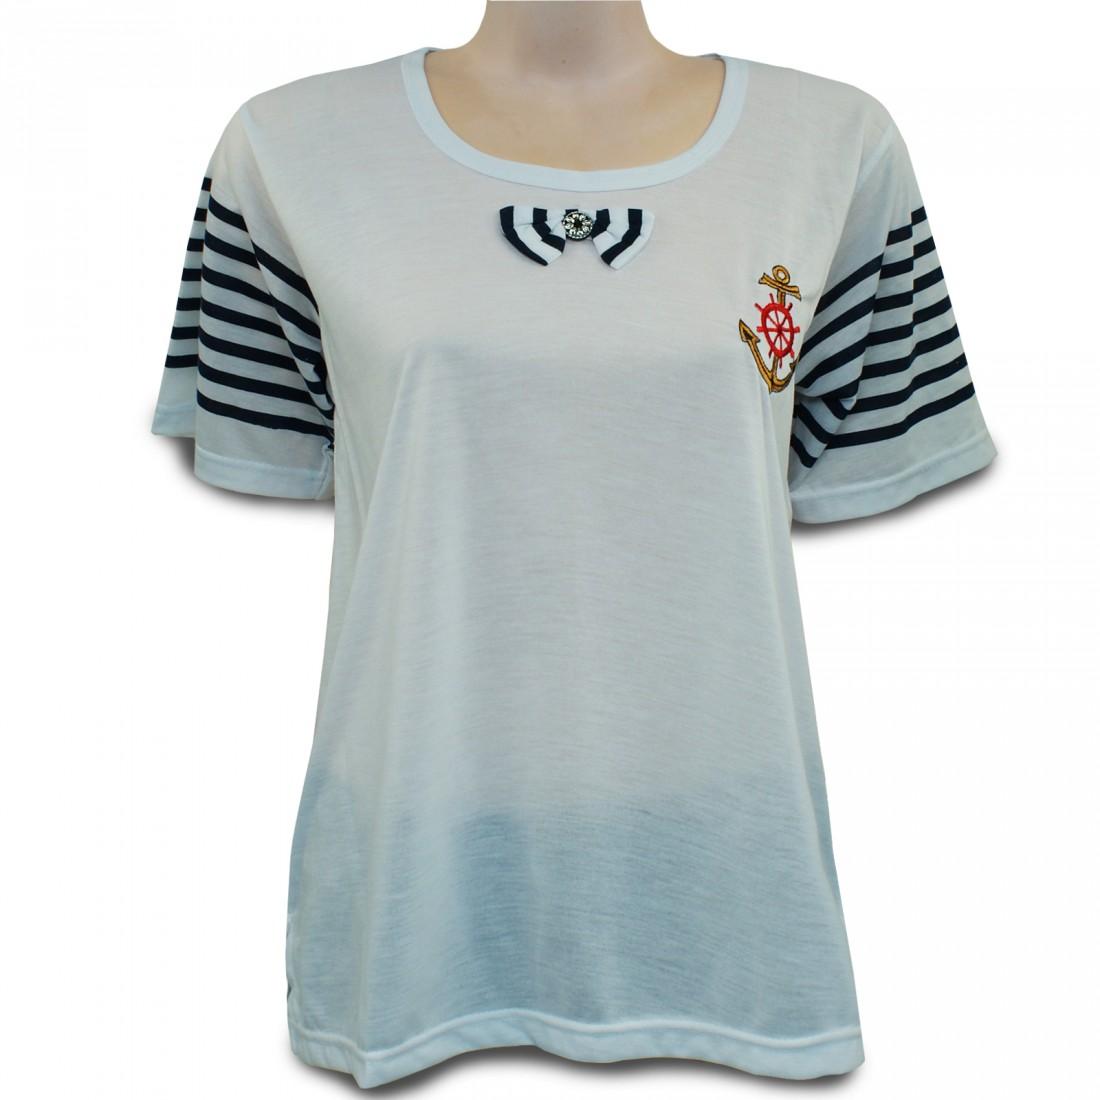 romesa maritimes t shirt rundhals mit anker stickerei und. Black Bedroom Furniture Sets. Home Design Ideas